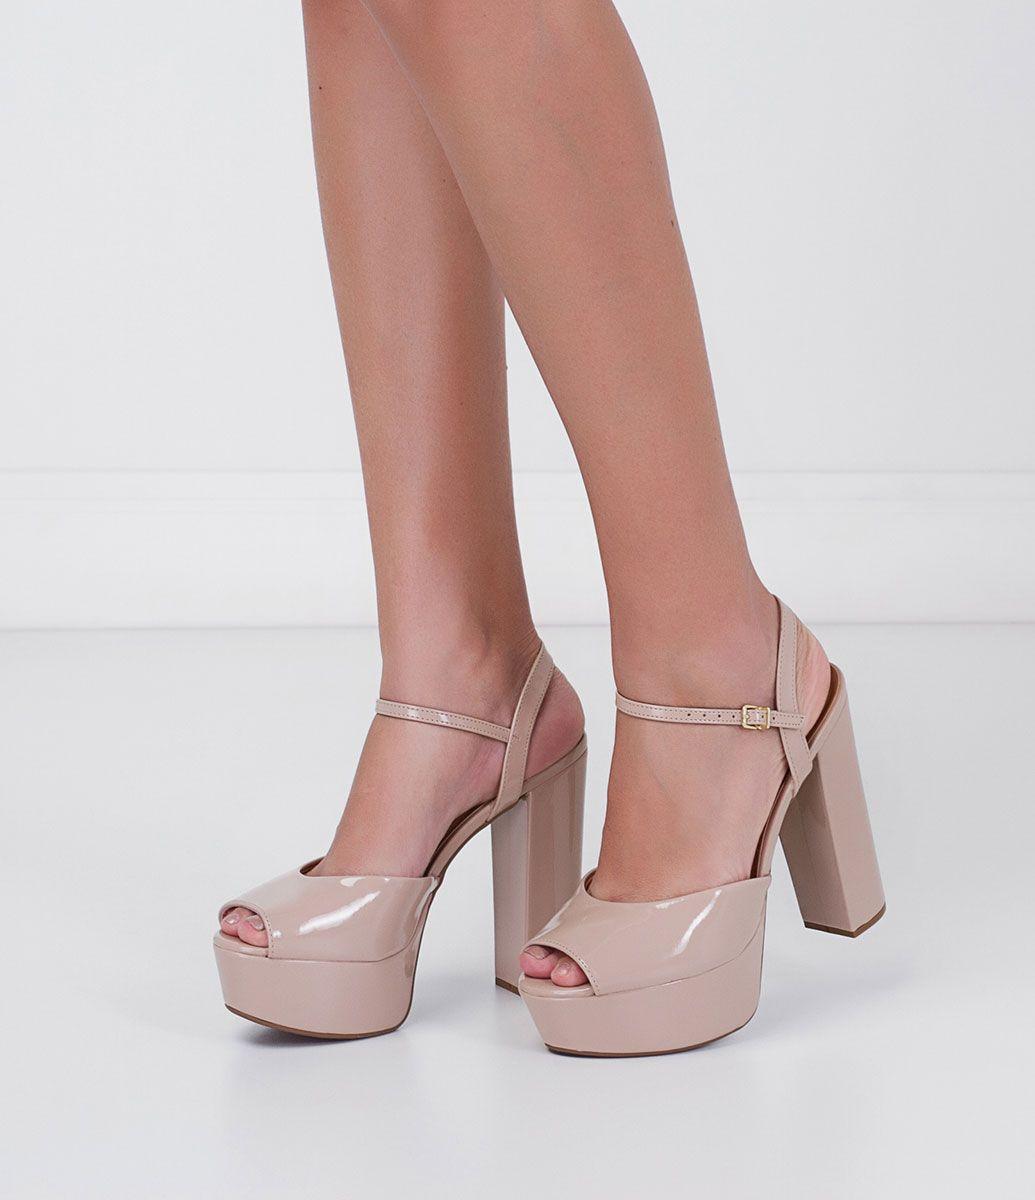 56716c35c0 Sandália feminina Salto super alto Em verniz Material  sintético Marca   Vizzano COLEÇÃO VERÃO 2016 Veja outras opções de sandálias femininas.